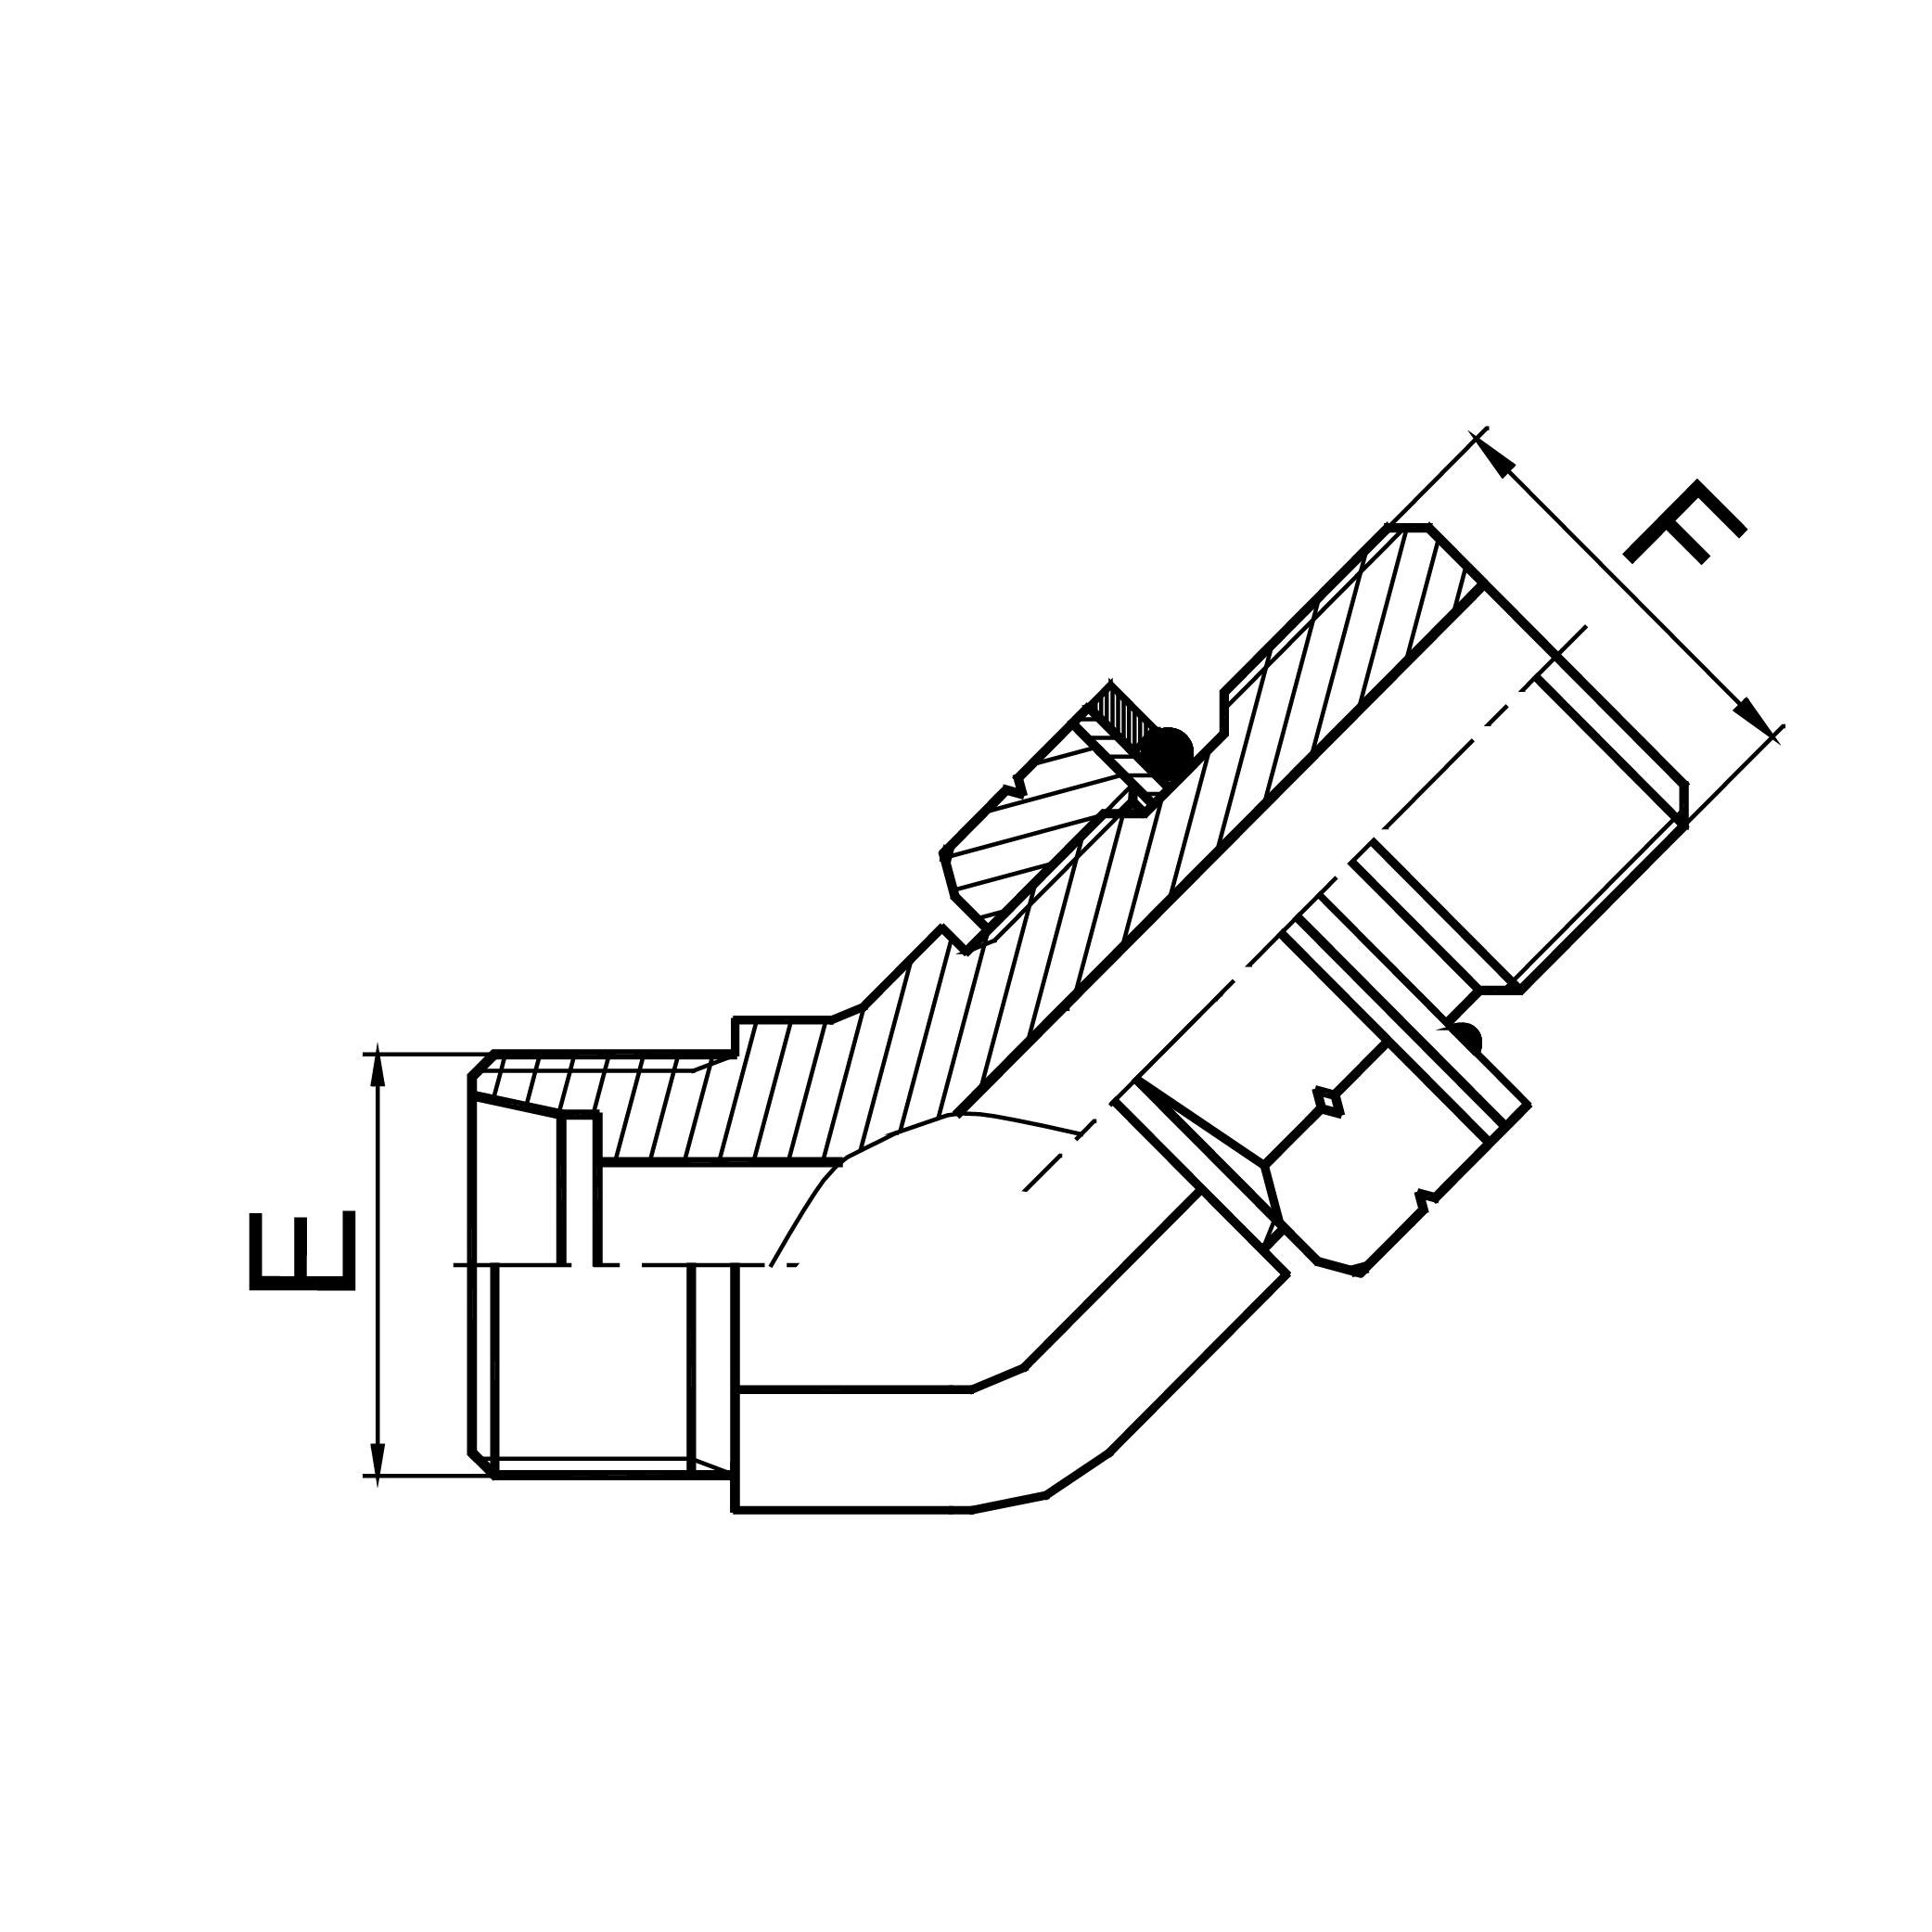 45°弯公制外螺纹24°锥/公制外螺纹可调向柱端ISO 6149-2 1CH4-OG/1DH4-OG